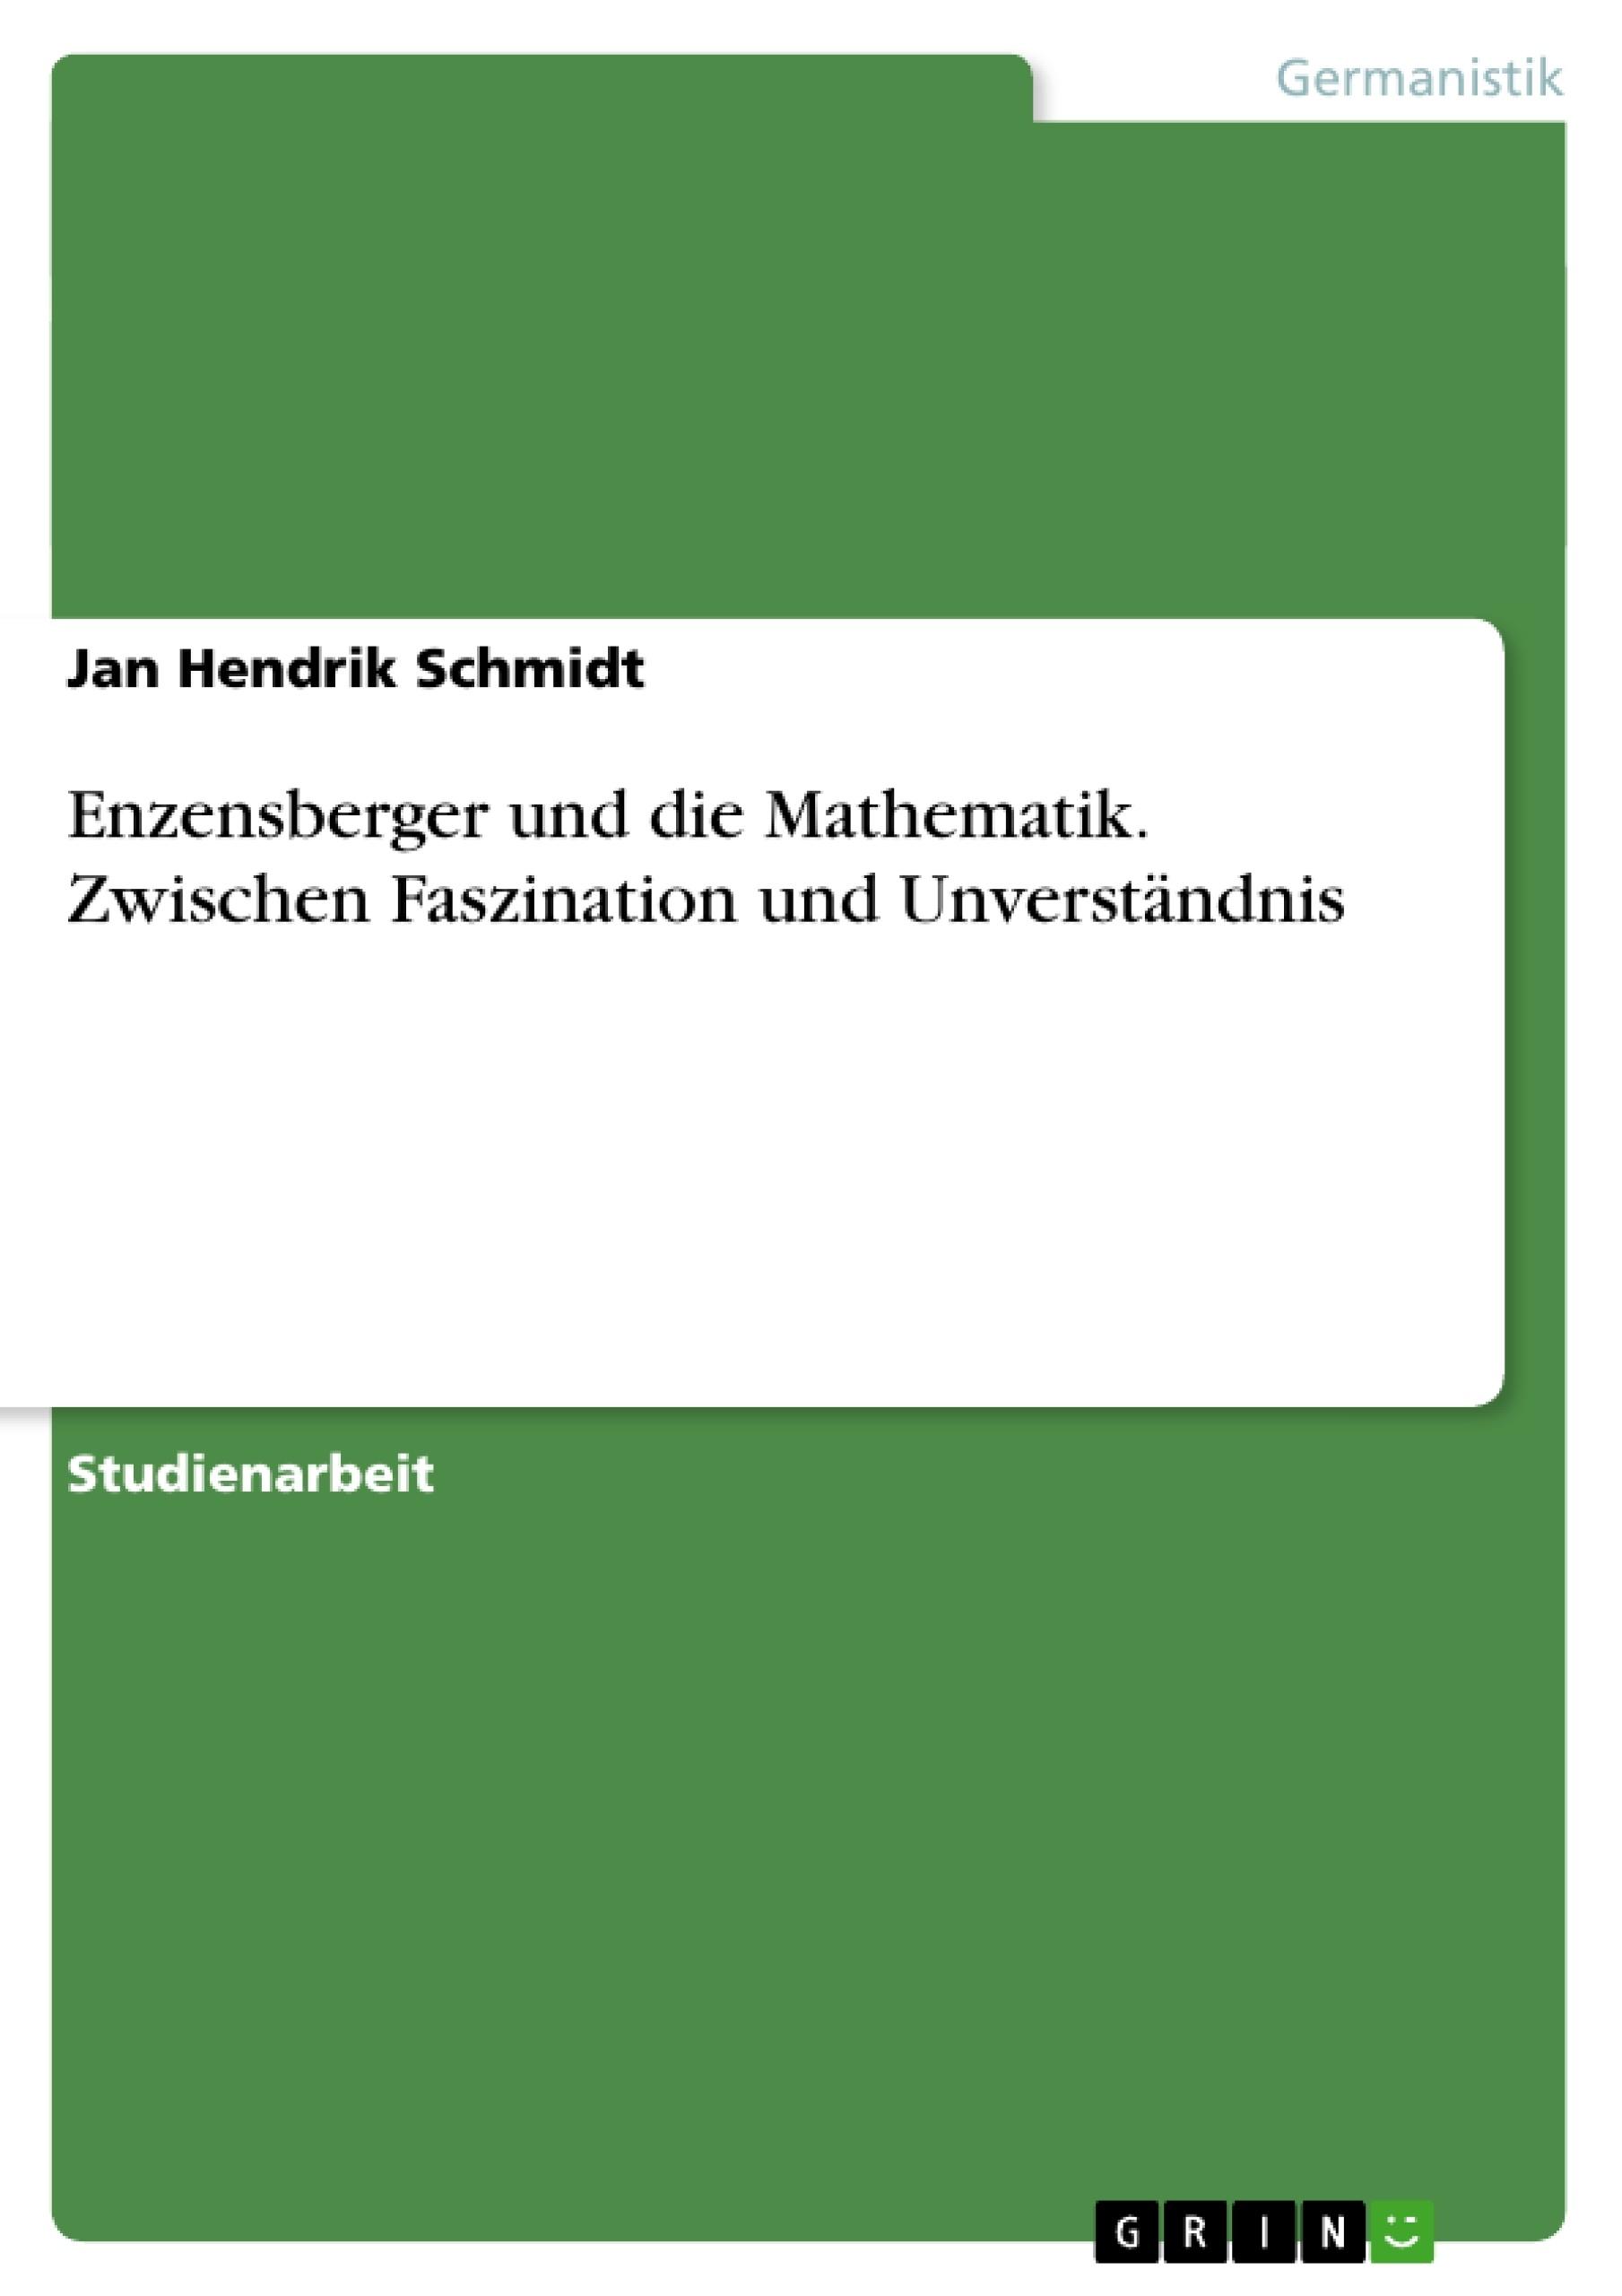 Titel: Enzensberger und die Mathematik. Zwischen Faszination und Unverständnis